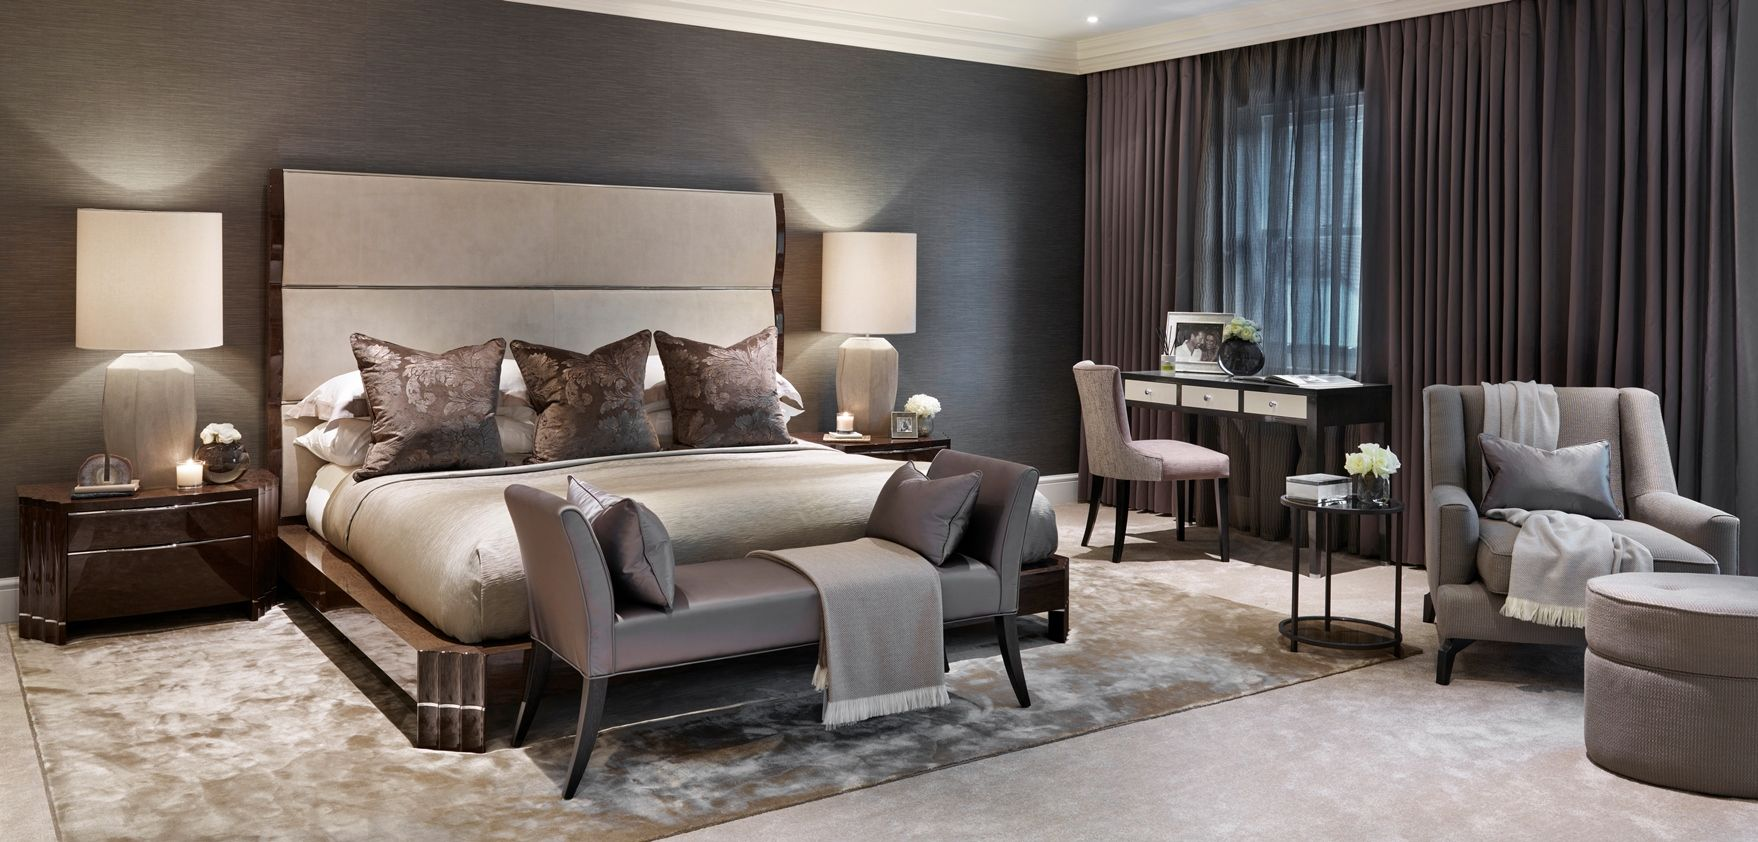 Cobham luxury interior design london surrey sophie for Luxury residential interior designers london